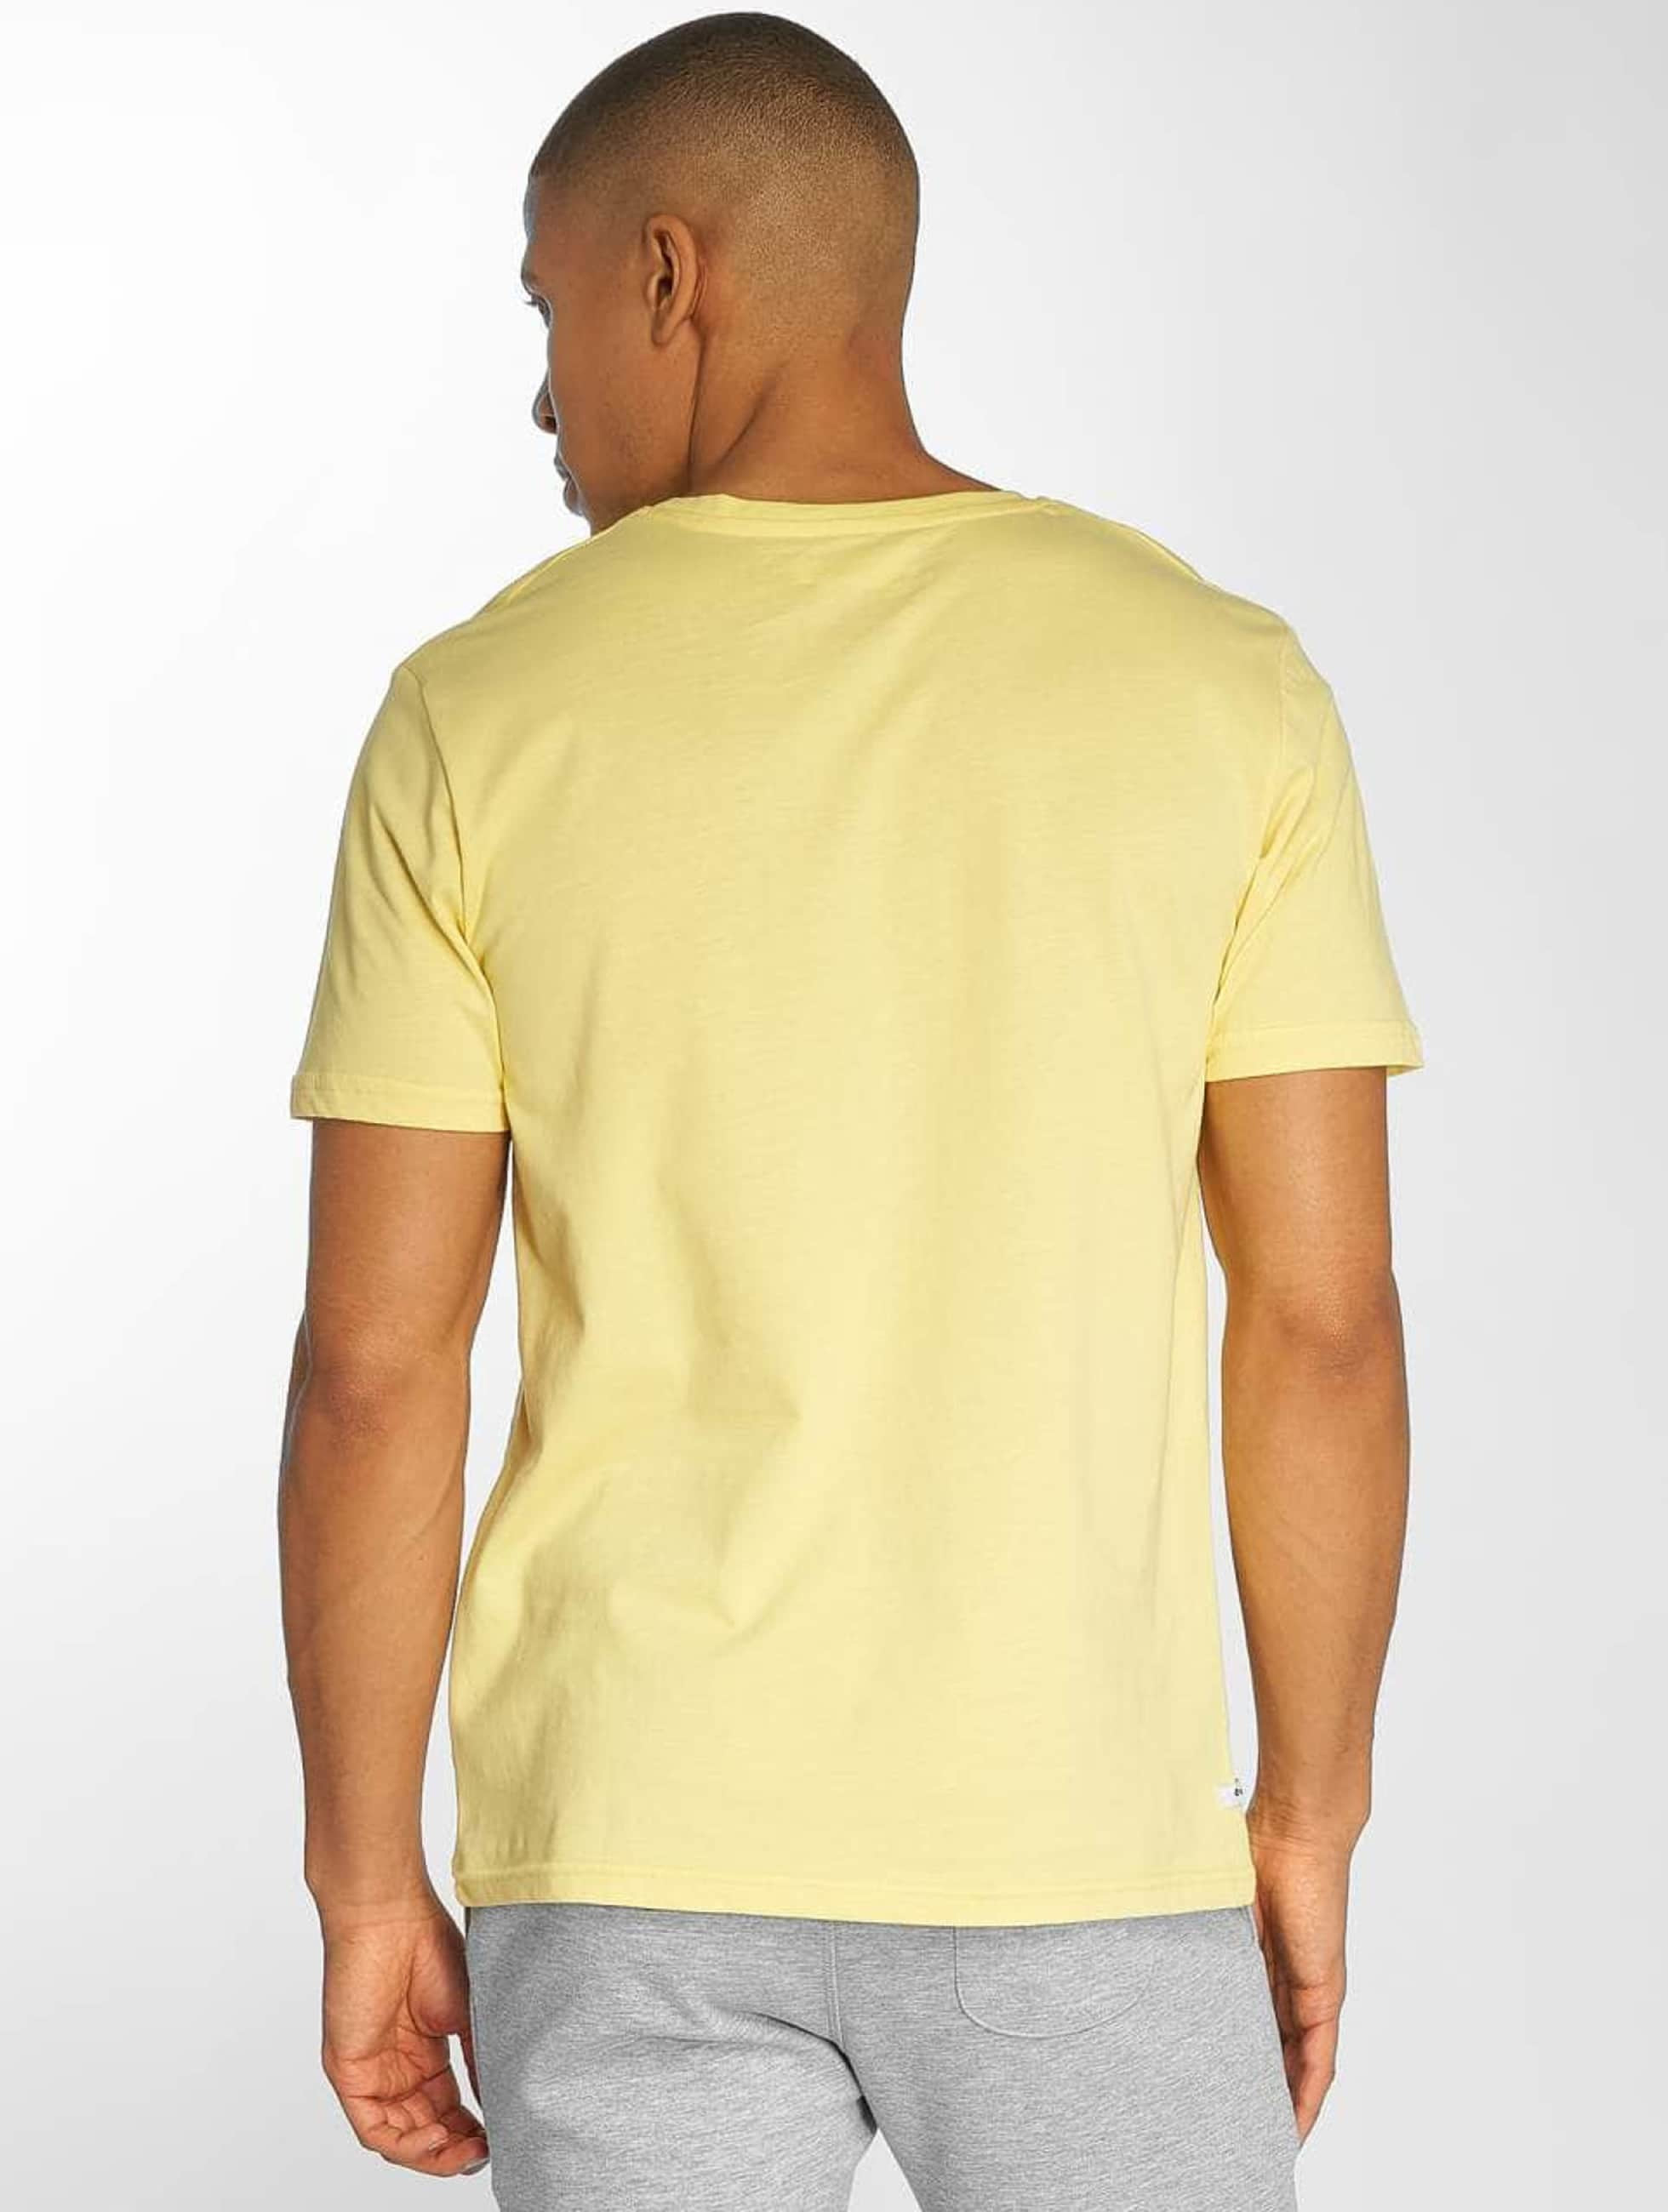 Kulte T-Shirt Summer Cam gelb